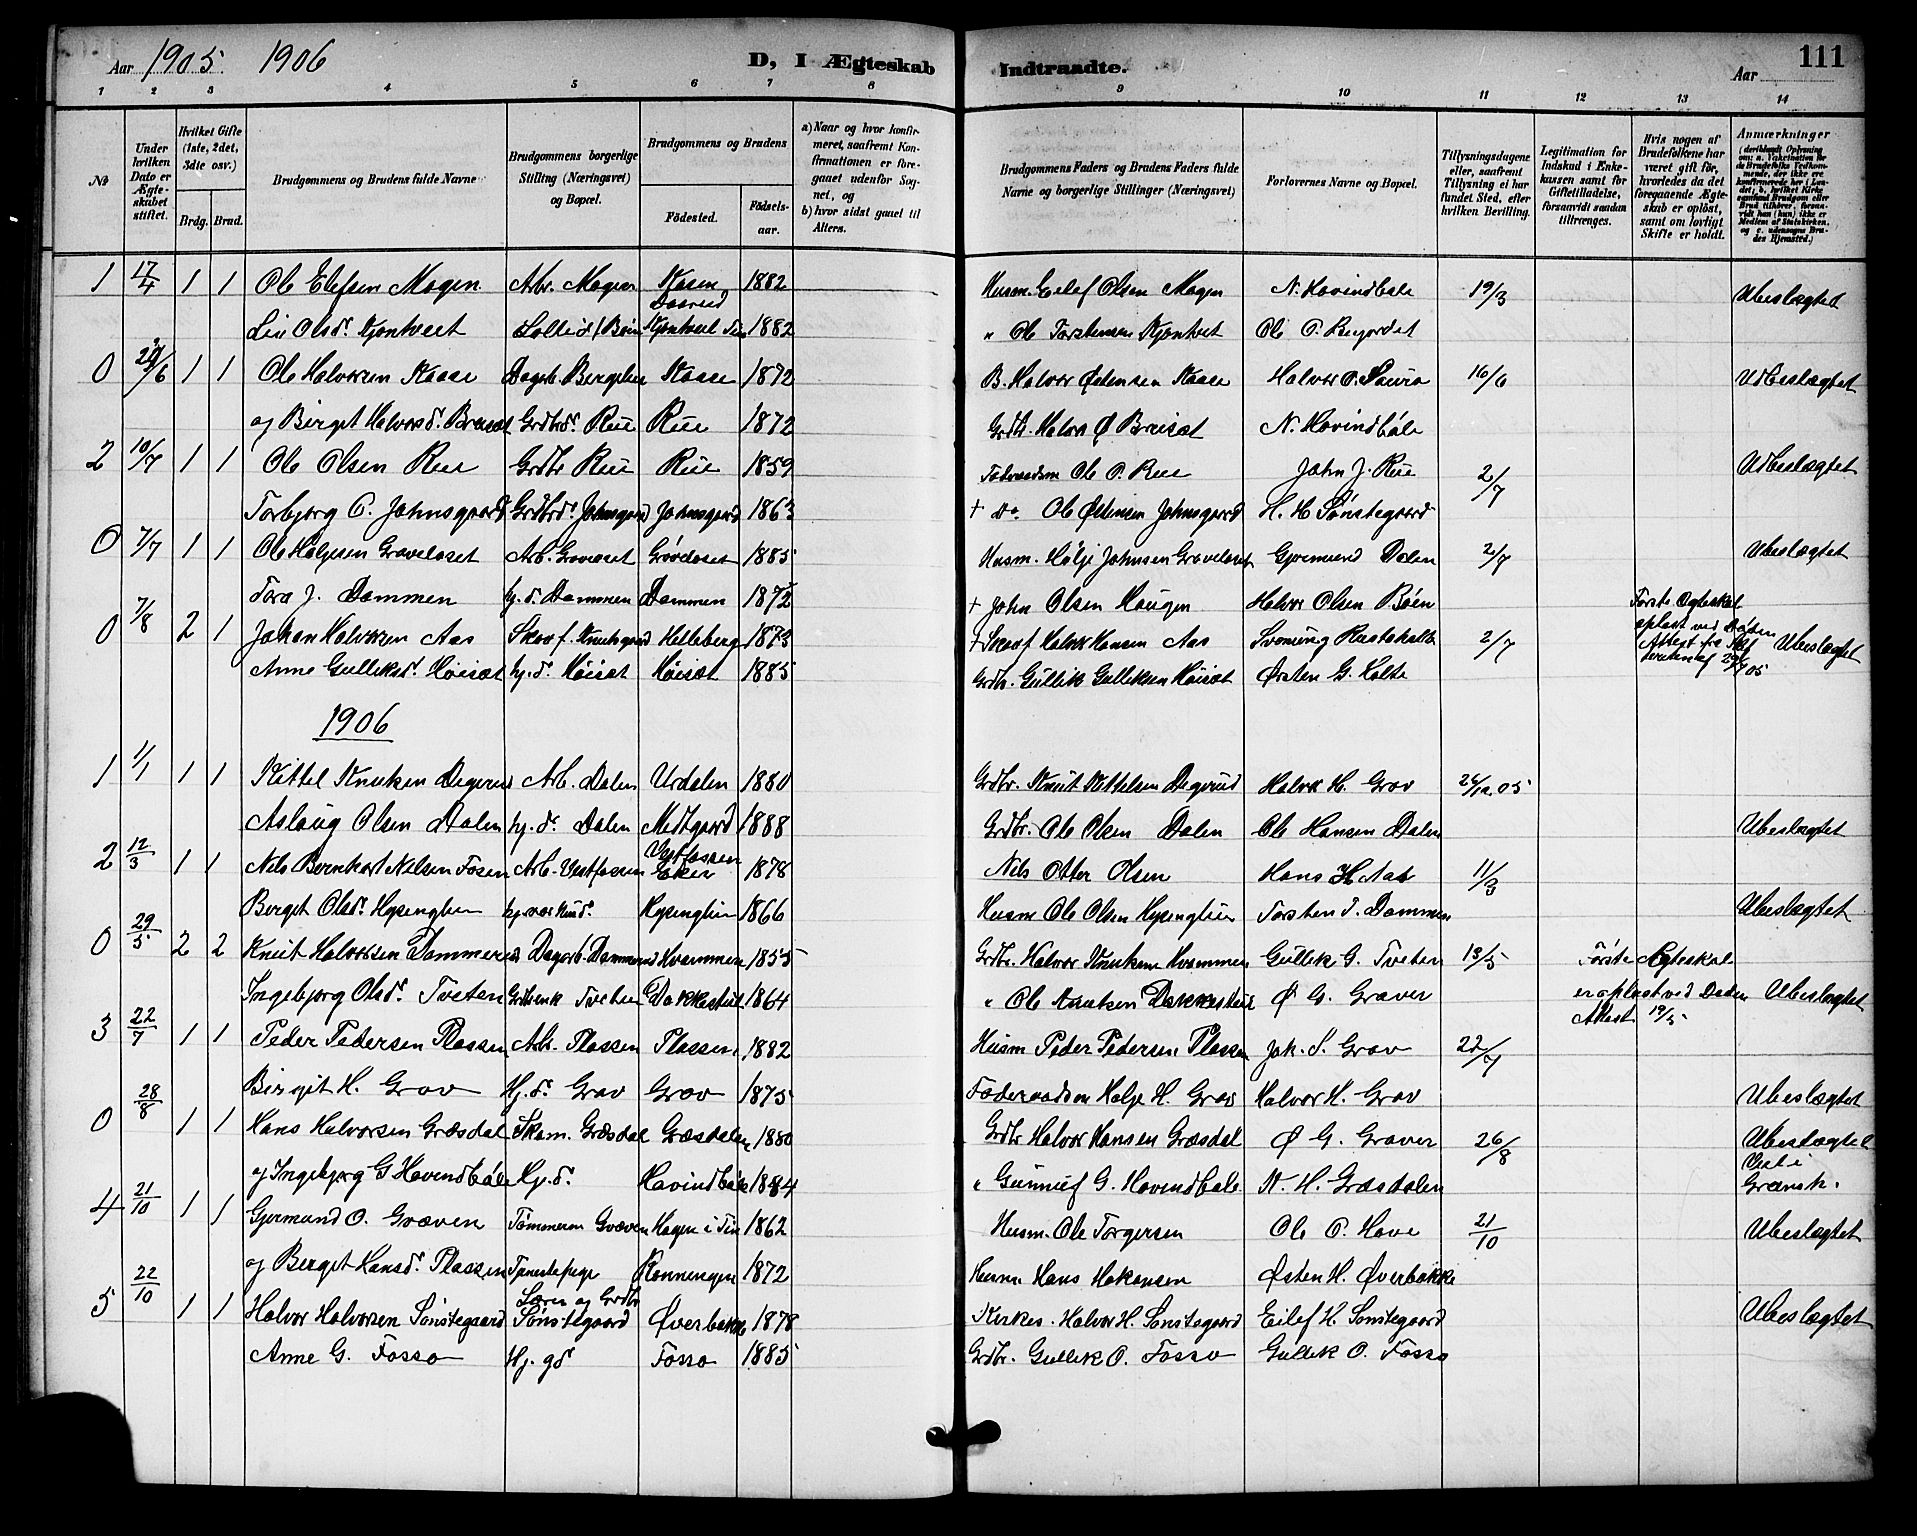 SAKO, Gransherad kirkebøker, G/Gb/L0003: Klokkerbok nr. II 3, 1887-1921, s. 111